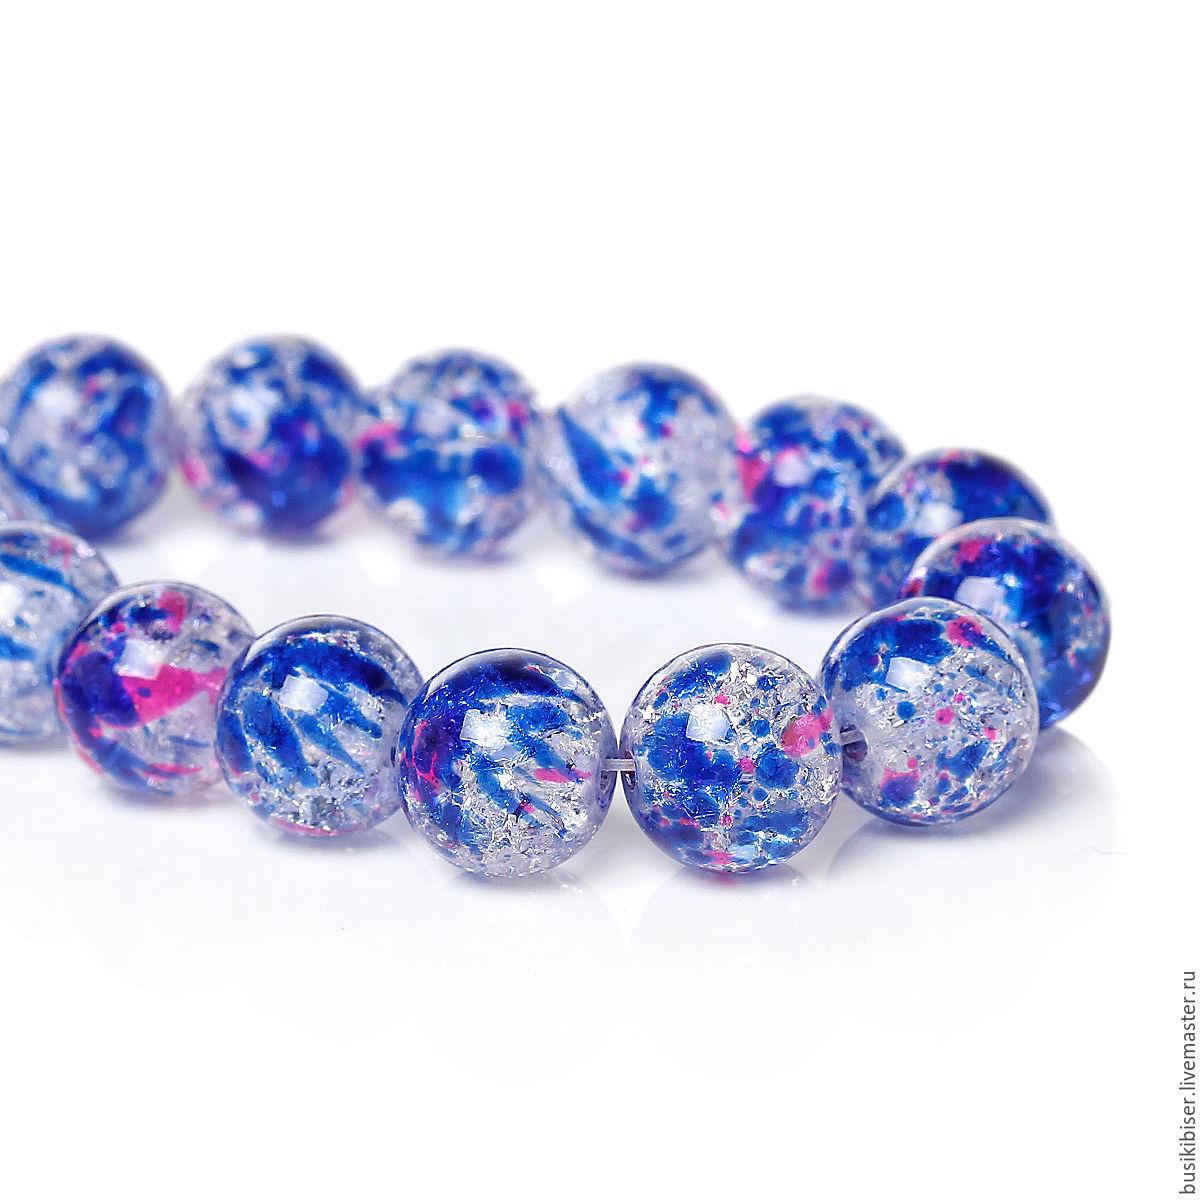 Стеклянные бусины 10 мм. с сине-красными кляксами (10 шт.)